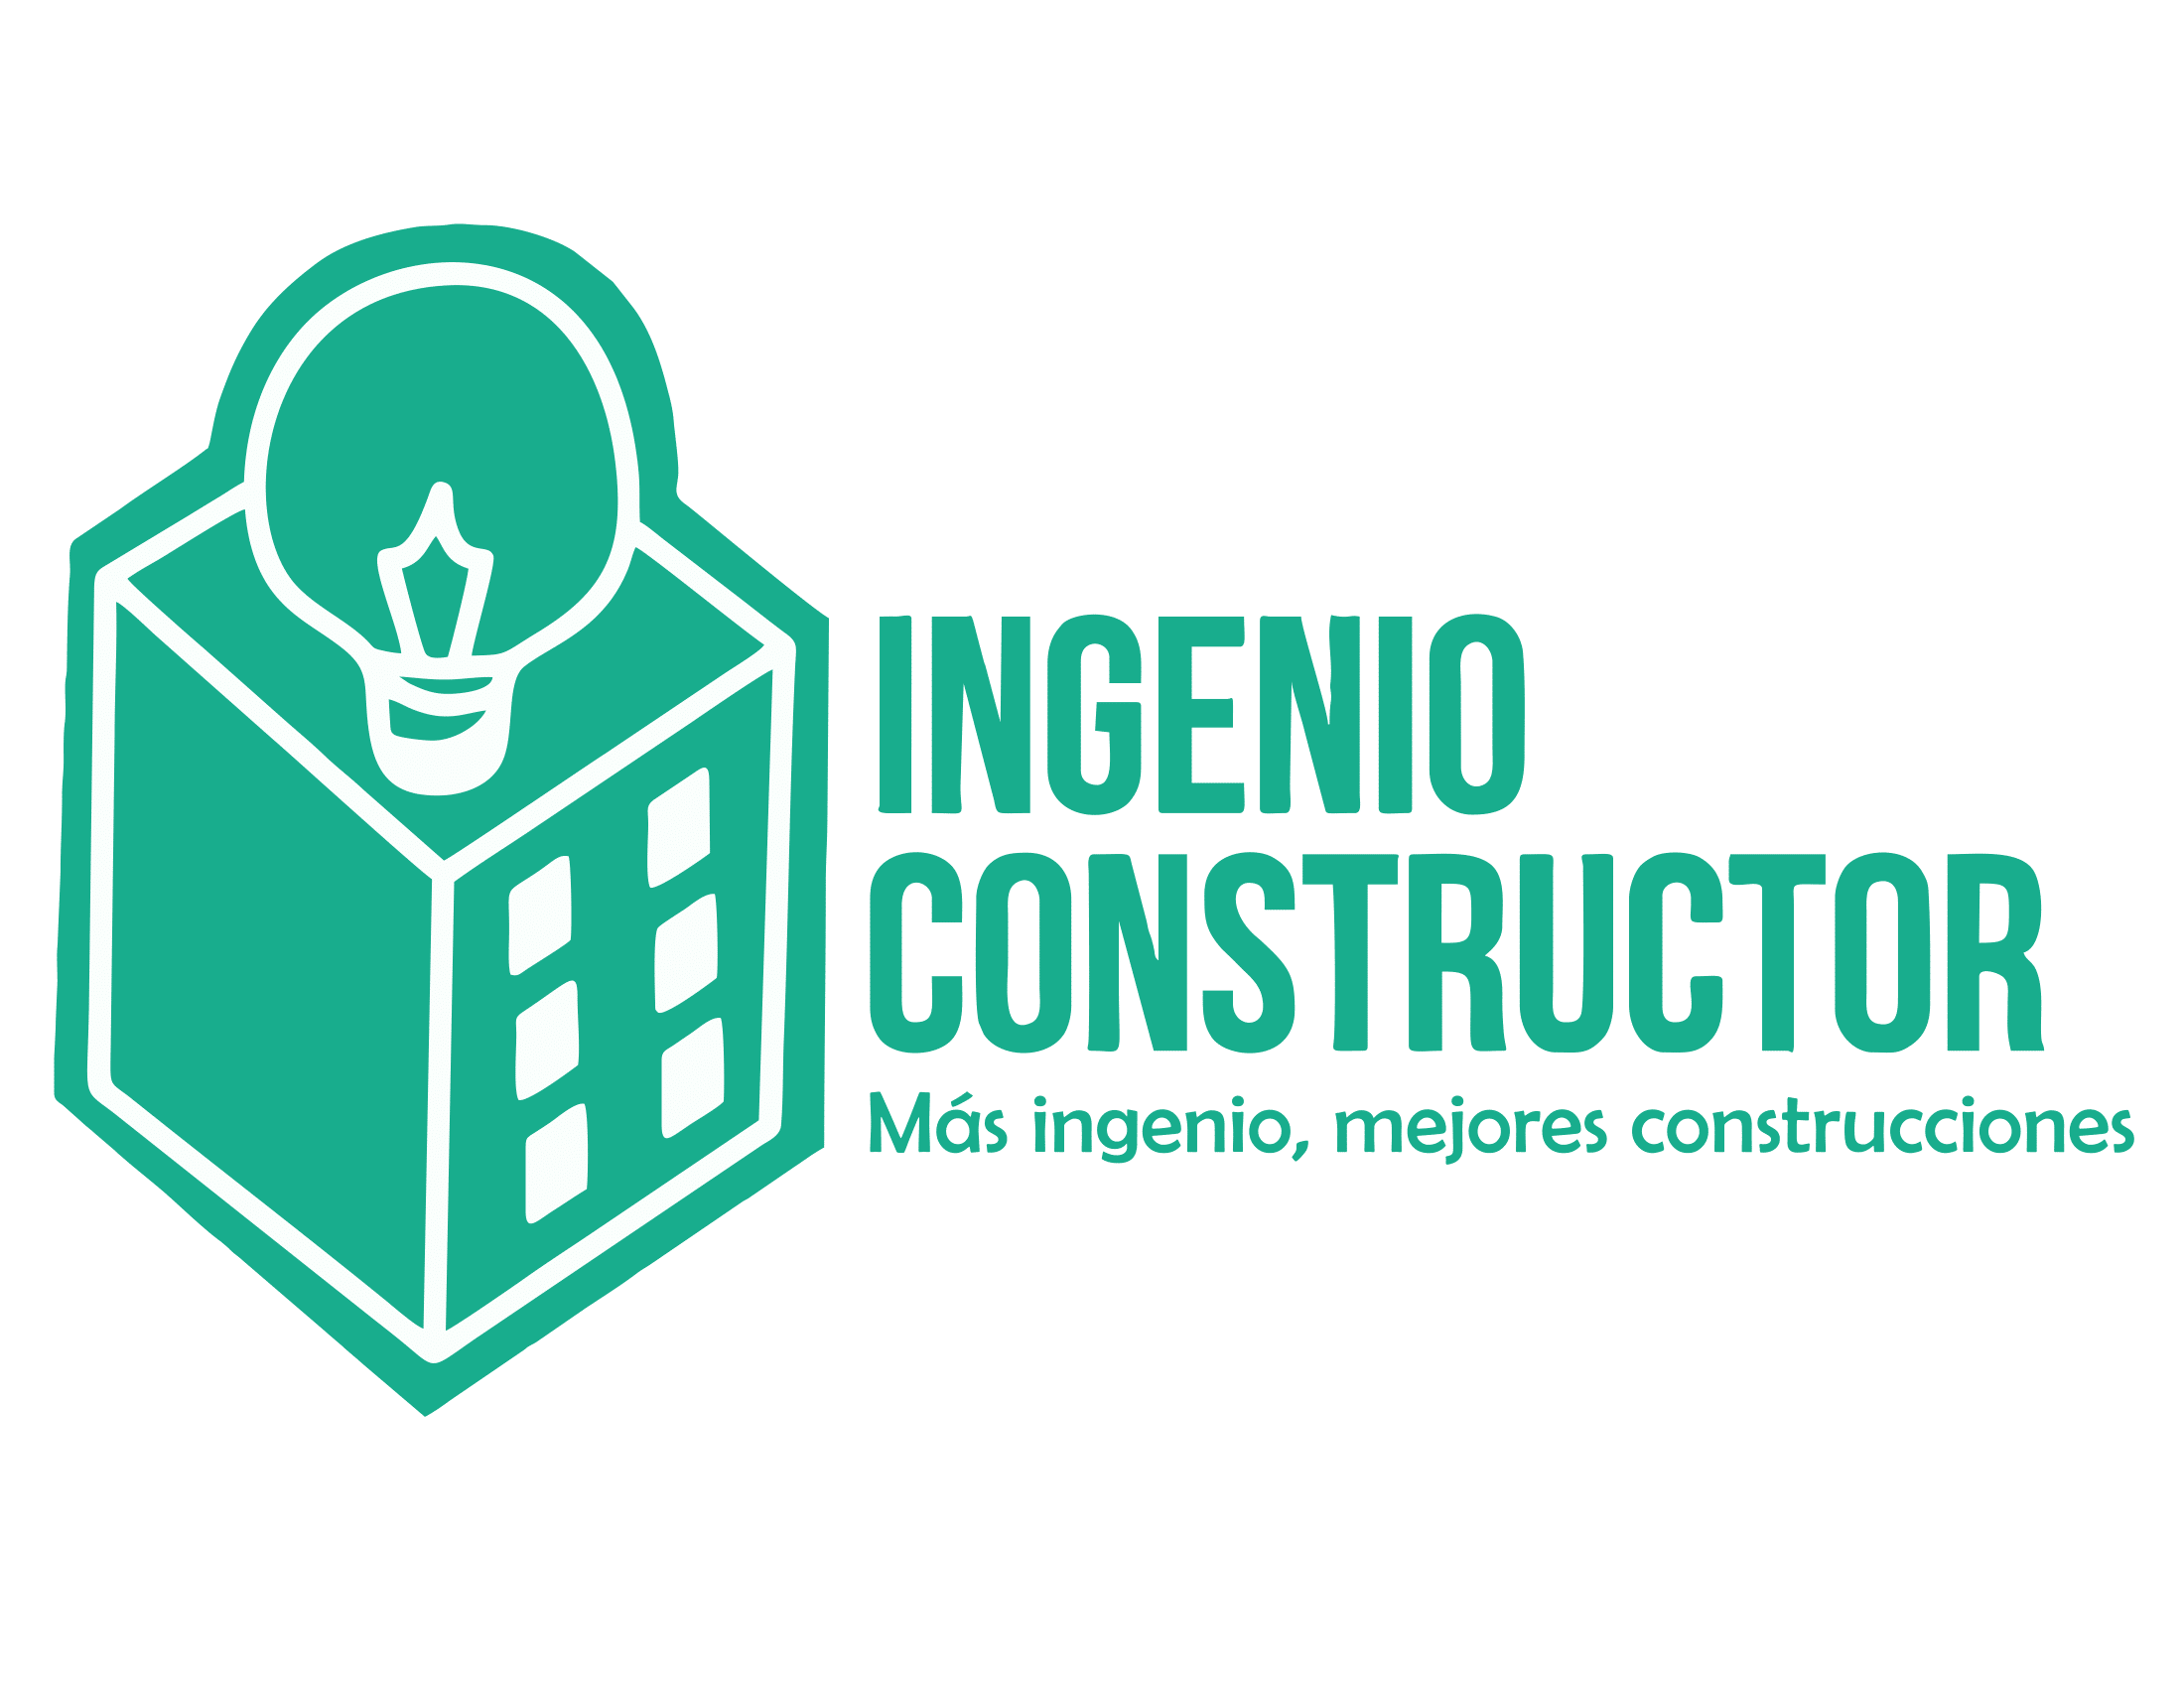 Ingenio Constructor